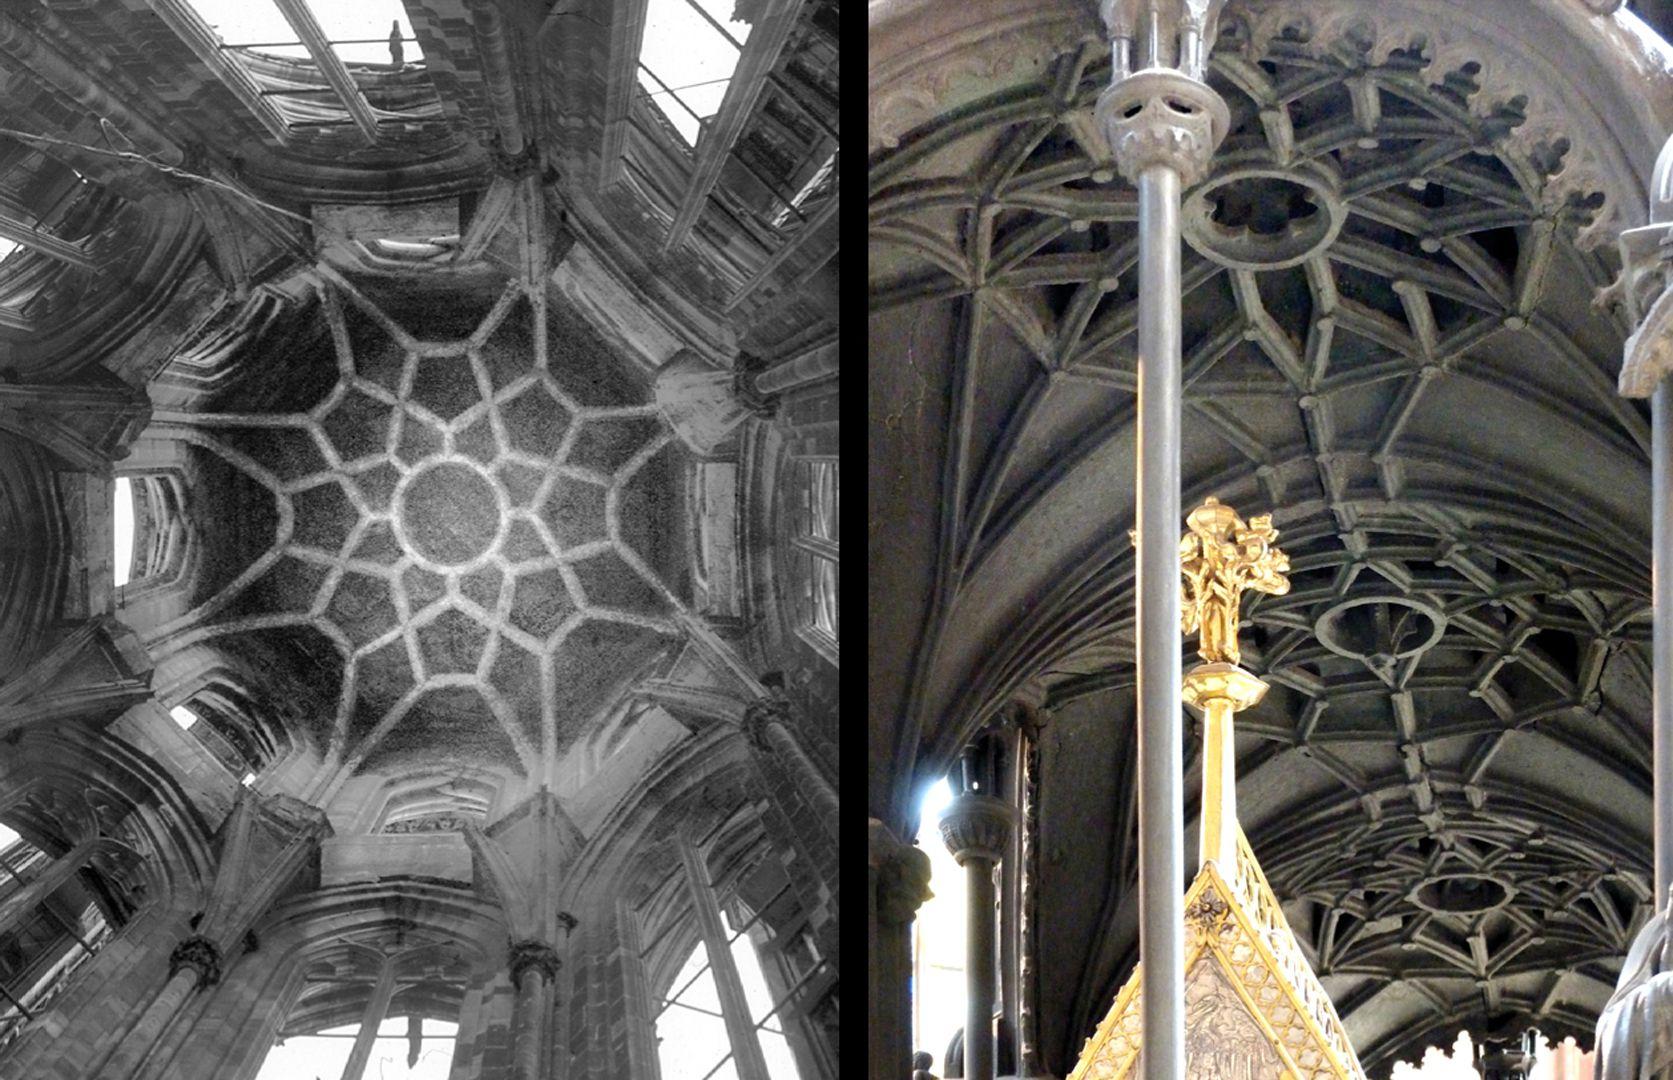 Sebaldusgrab Die gotischen Luftrippen vom Sebaldusgrab (Foto rechts) gehen letztlich auf die Luftrippen des Ulrich von Ensingen von 1419 im Nordturm des Straßburger Münsters (Foto links) zurück.